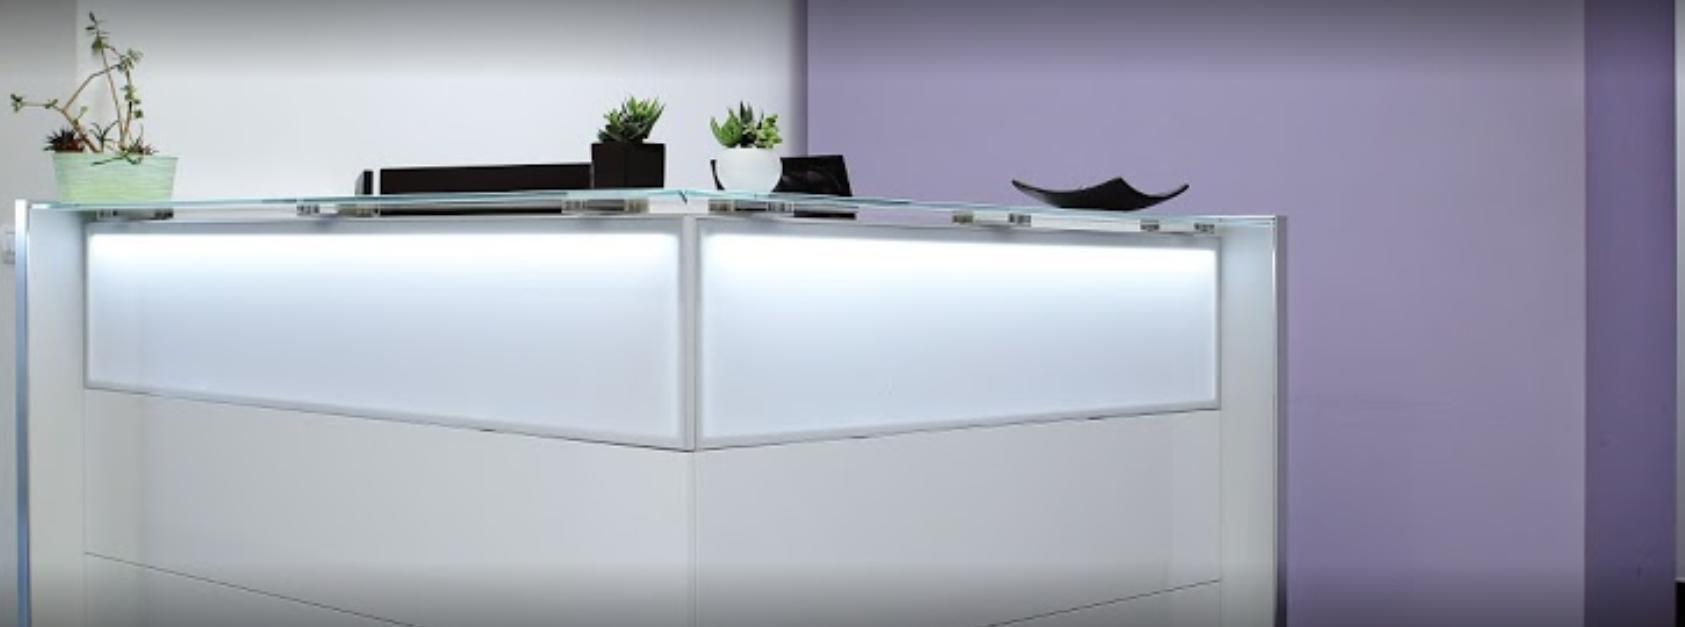 Bancone NICE LED